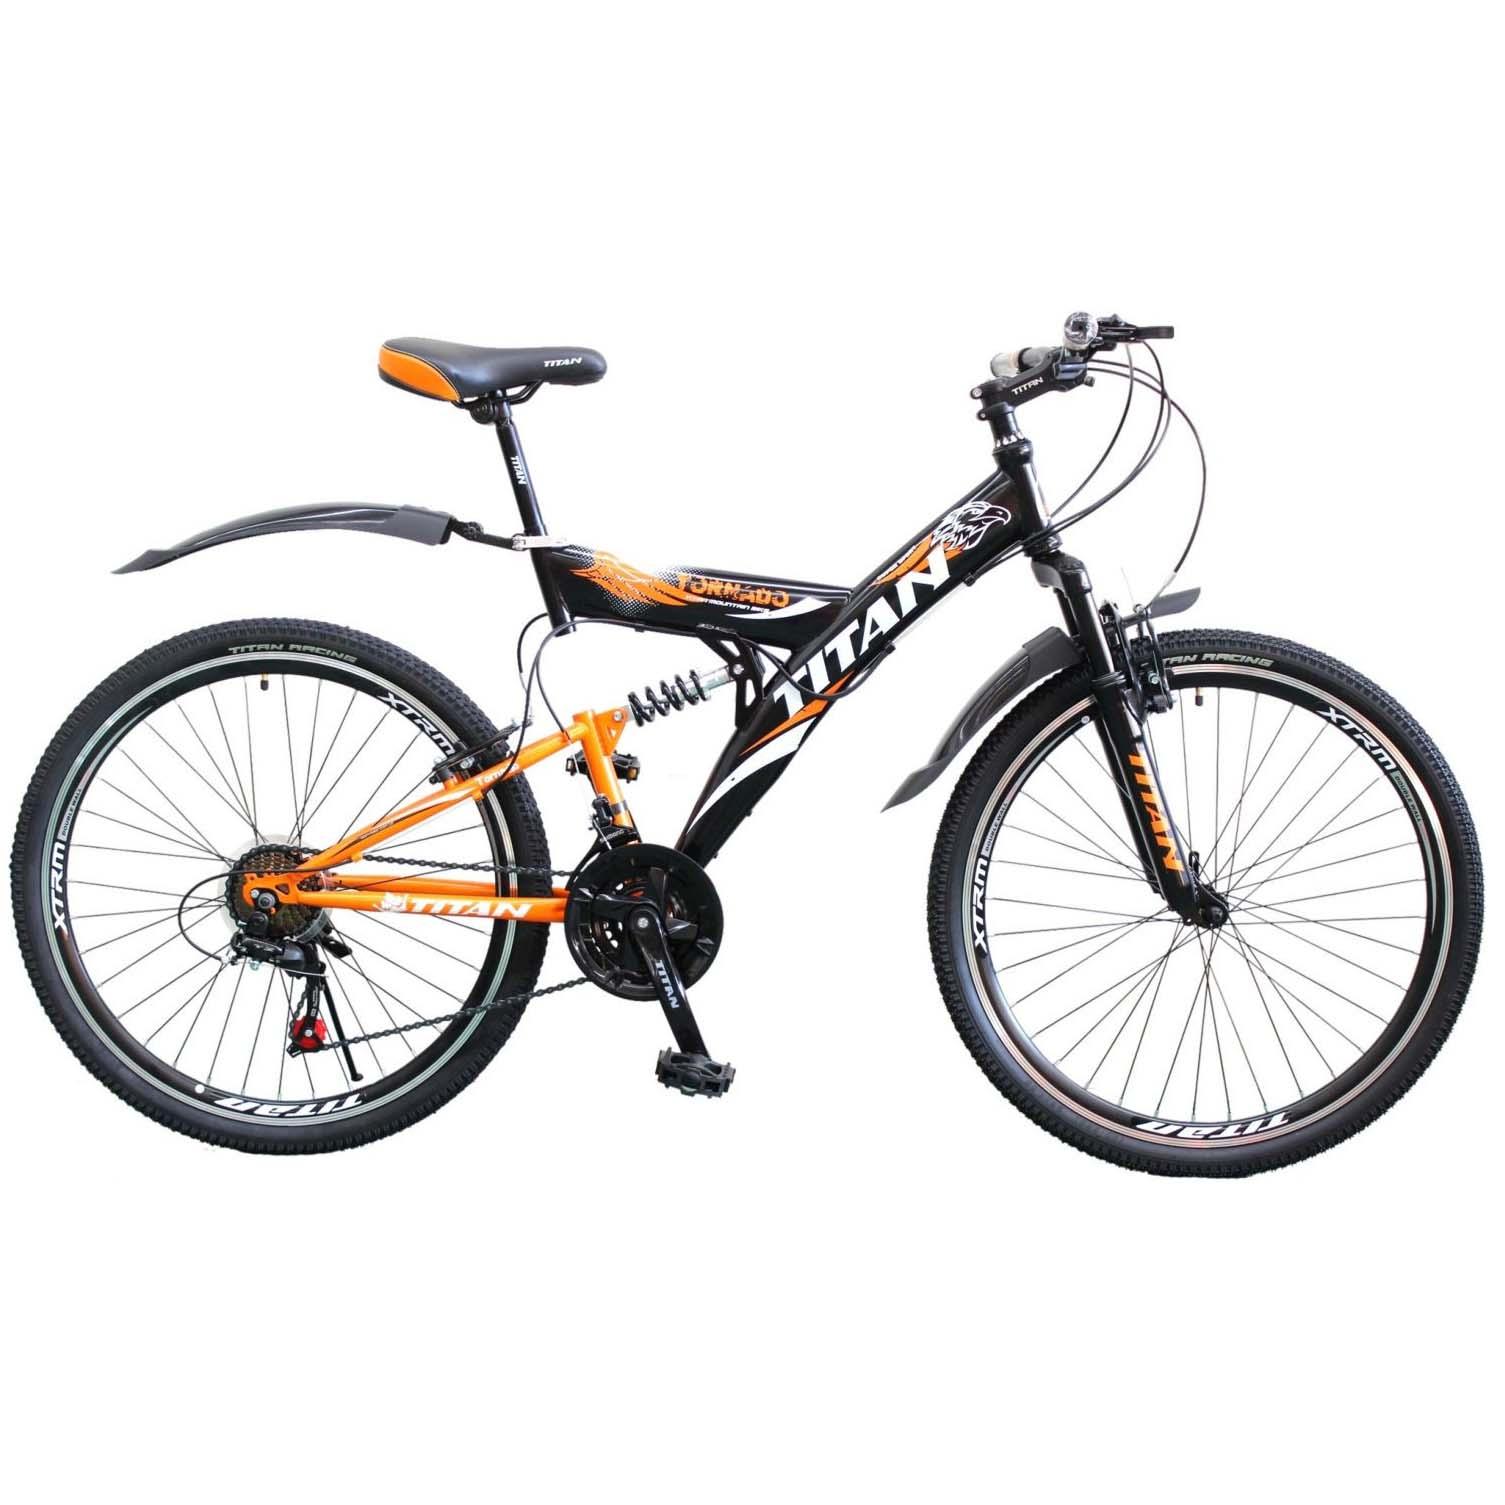 Фото Горный Велосипед Titan Tornado 26  черно-оранжево-белый